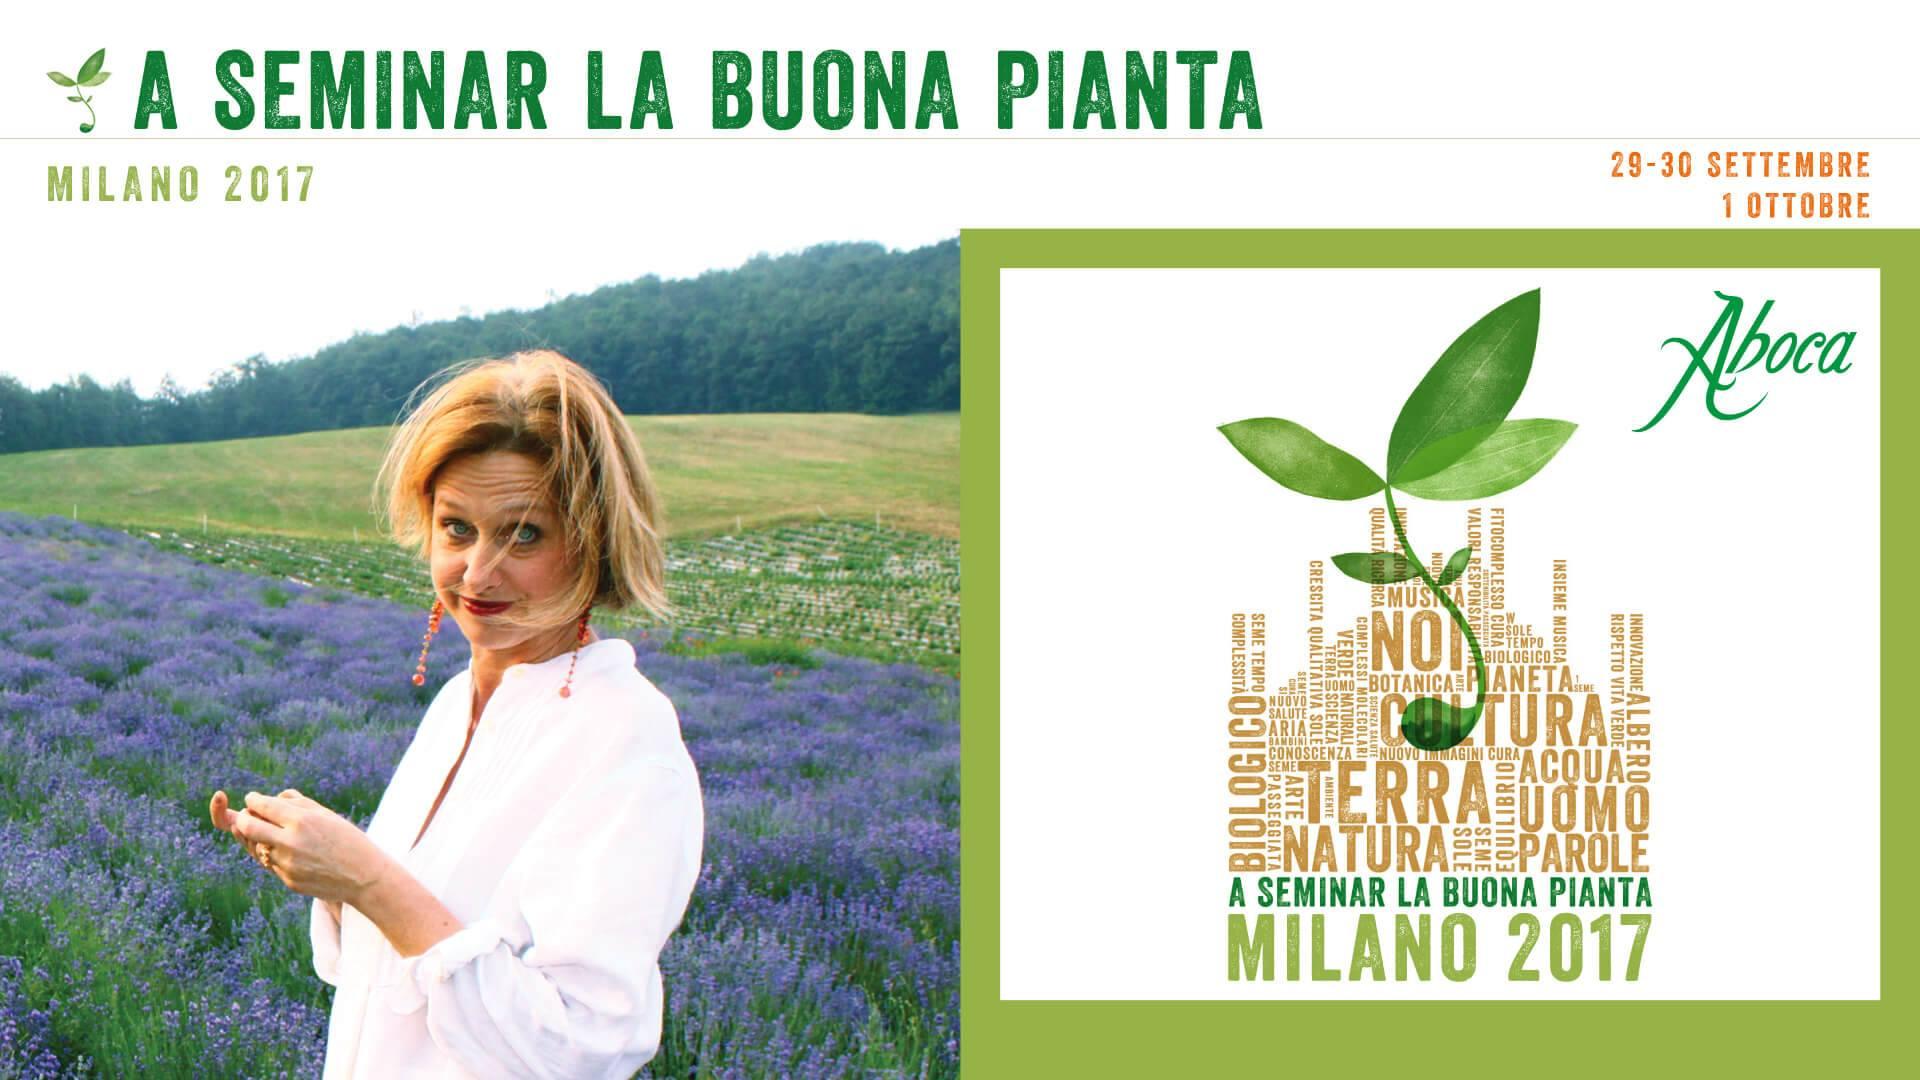 A seminar la buona pianta: a Milano il festival green dal 29 settembre al 1° ottobre